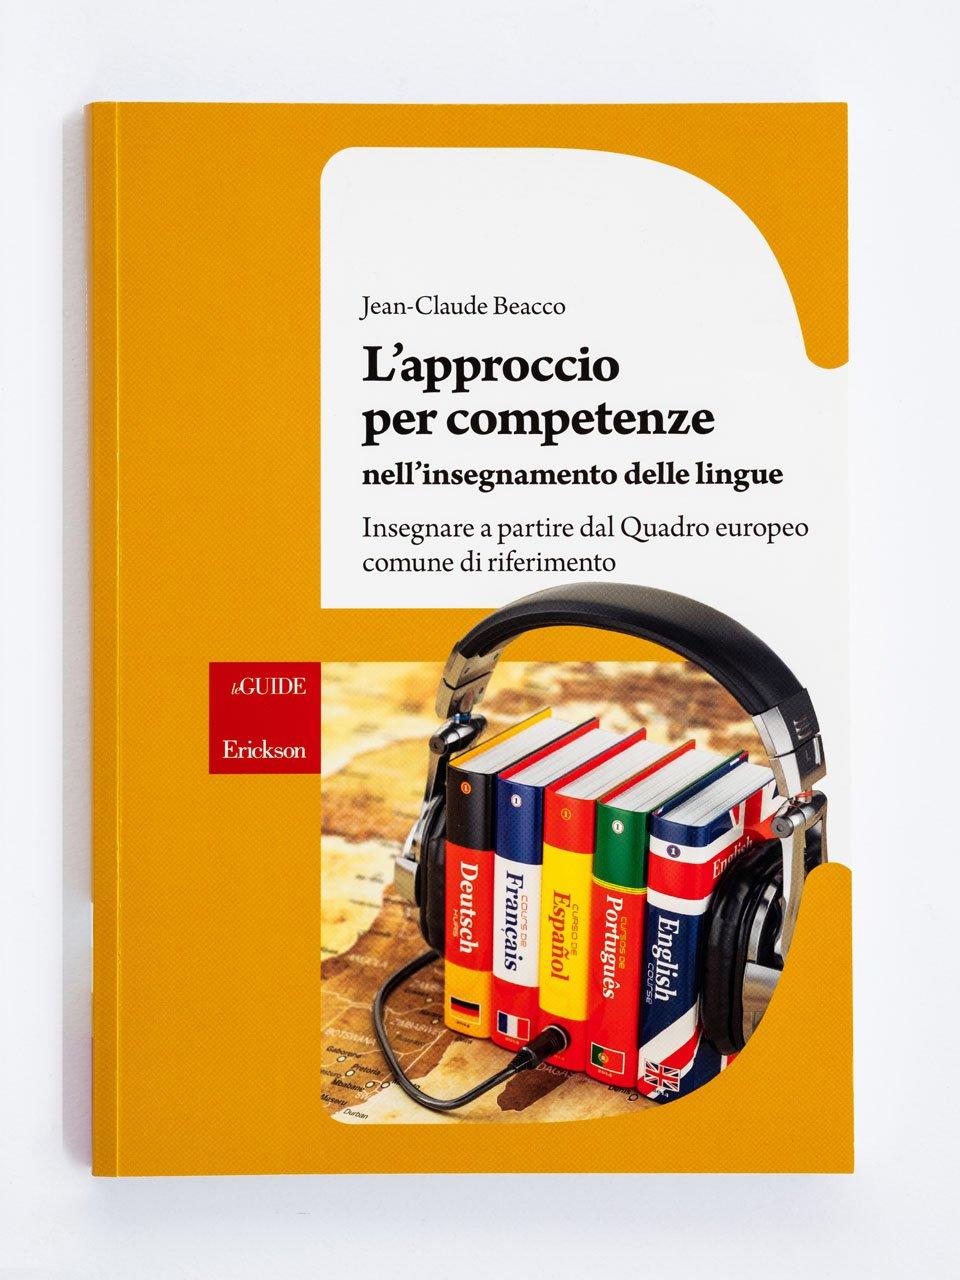 L'approccio per competenze nell'insegnamento delle lingue - Sviluppare le competenze pragmatiche - Volume 1 - Libri - App e software - Erickson